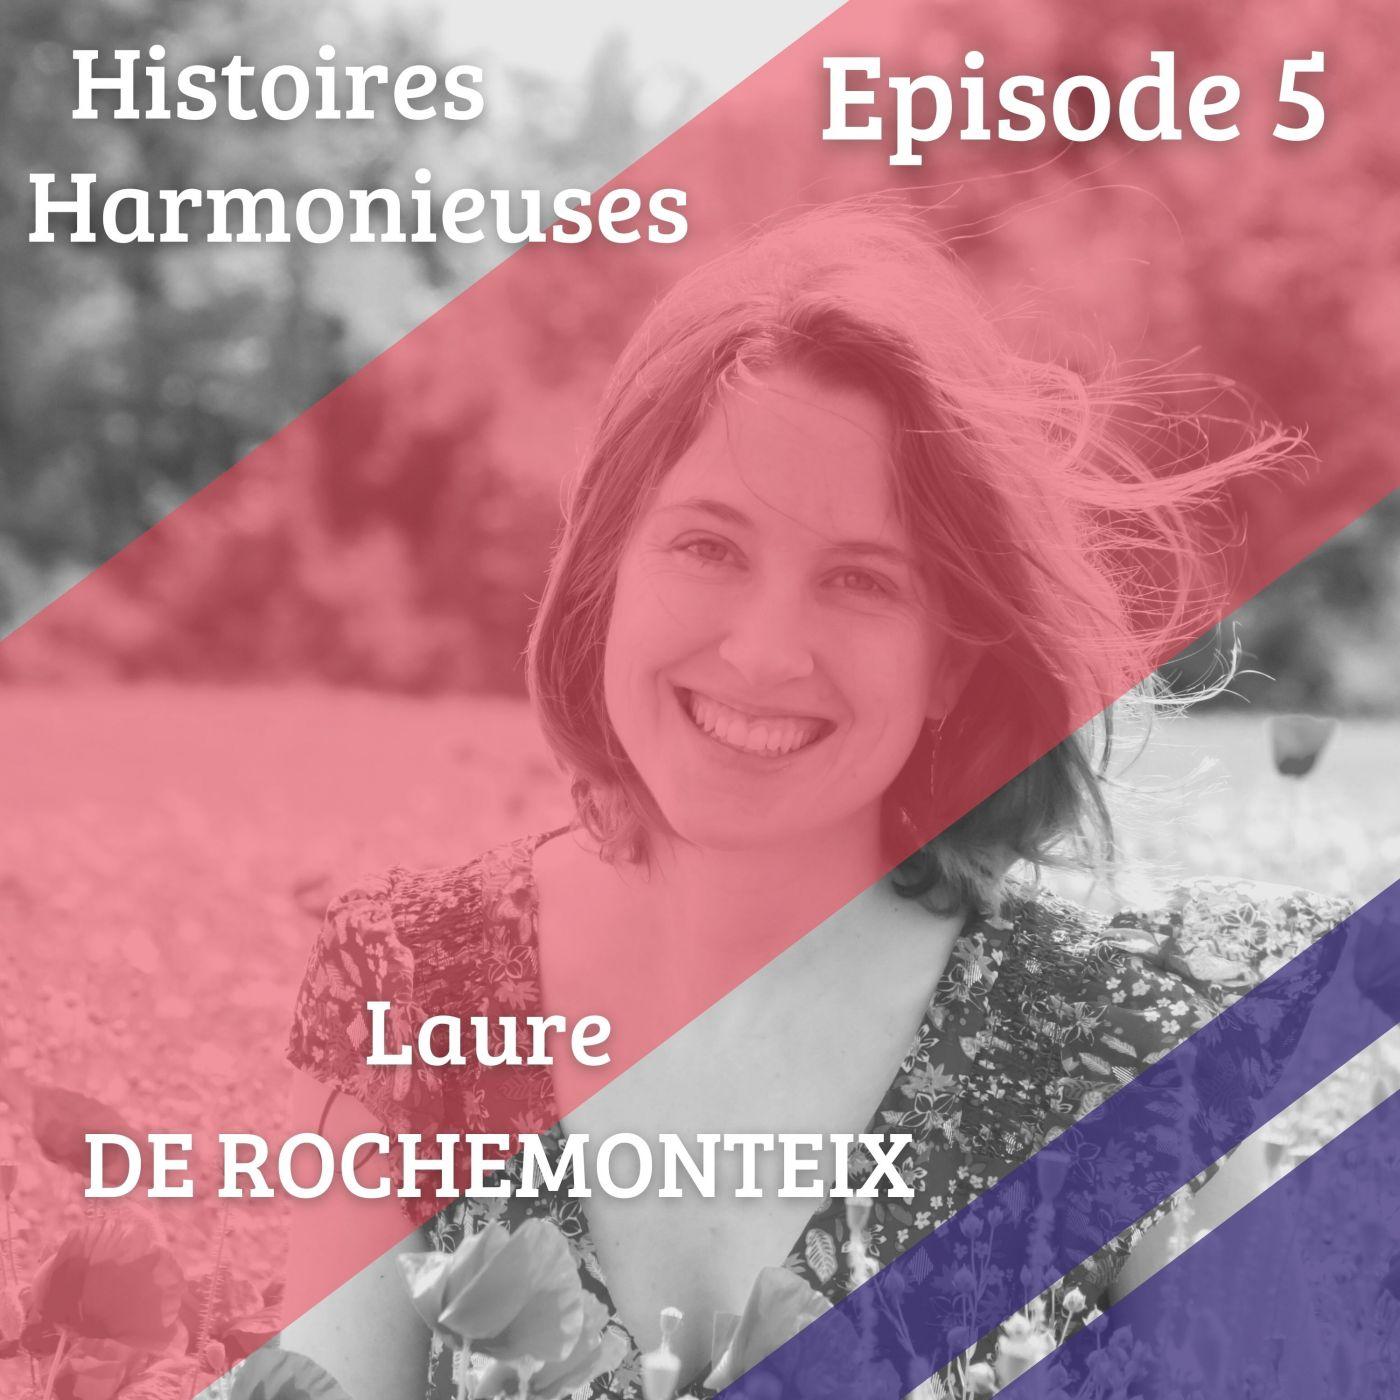 Visuel de l'épisode 5 d'Histoire Harmonieuses avec Laure